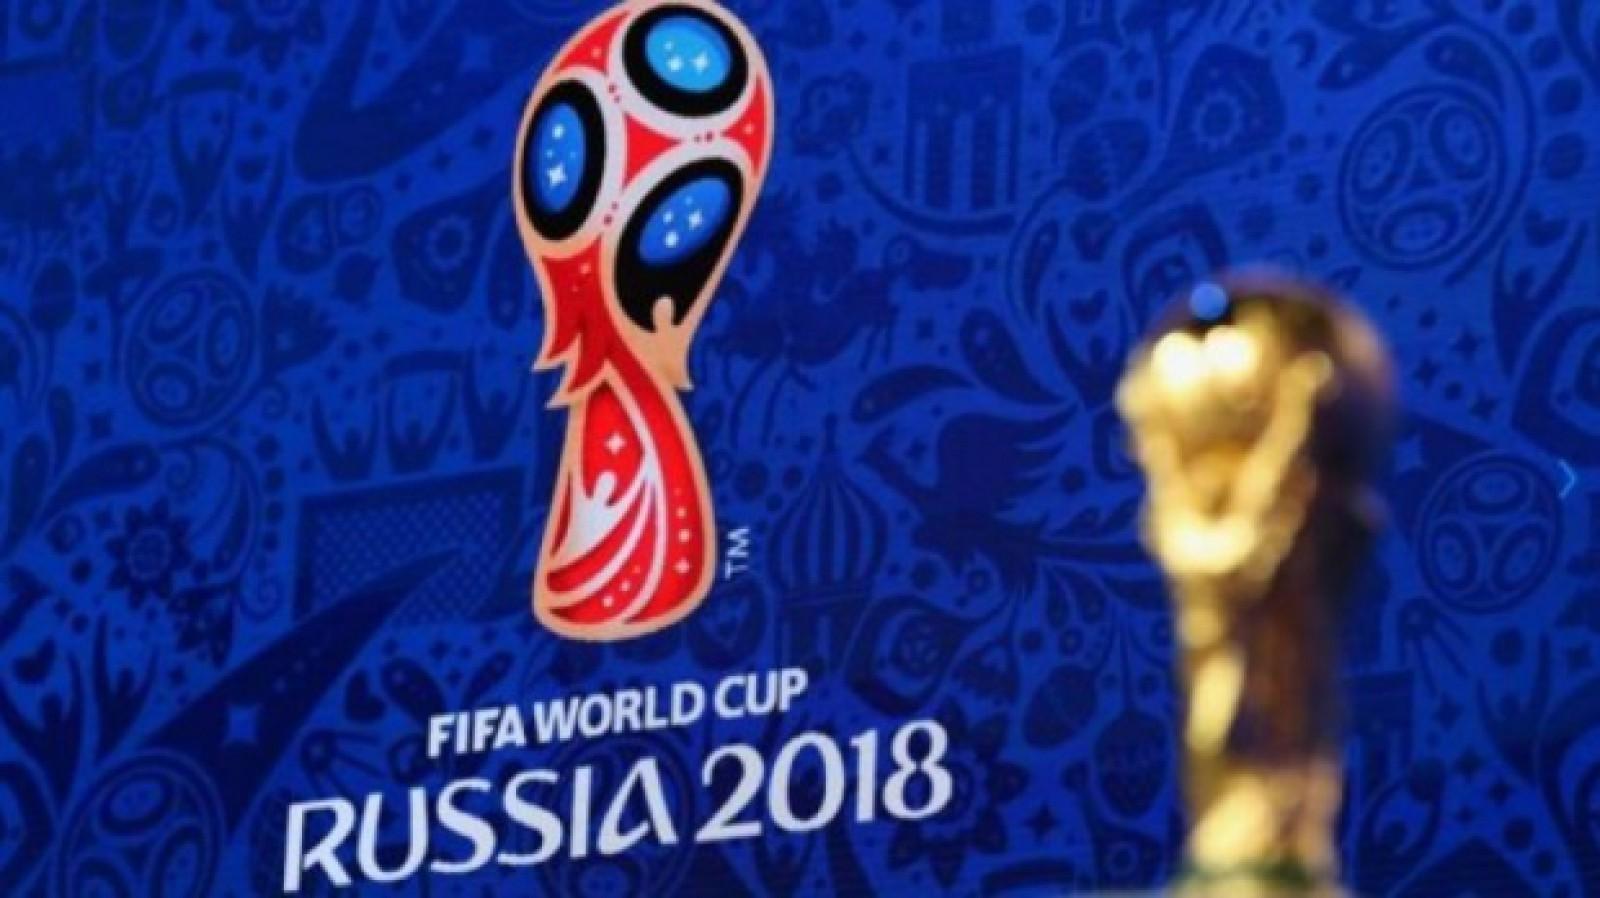 Cupa Mondială 2018. Programul complet al turneului! ASTĂZI: Rusia - Arabia Saudită în deschiderea de la Moscova